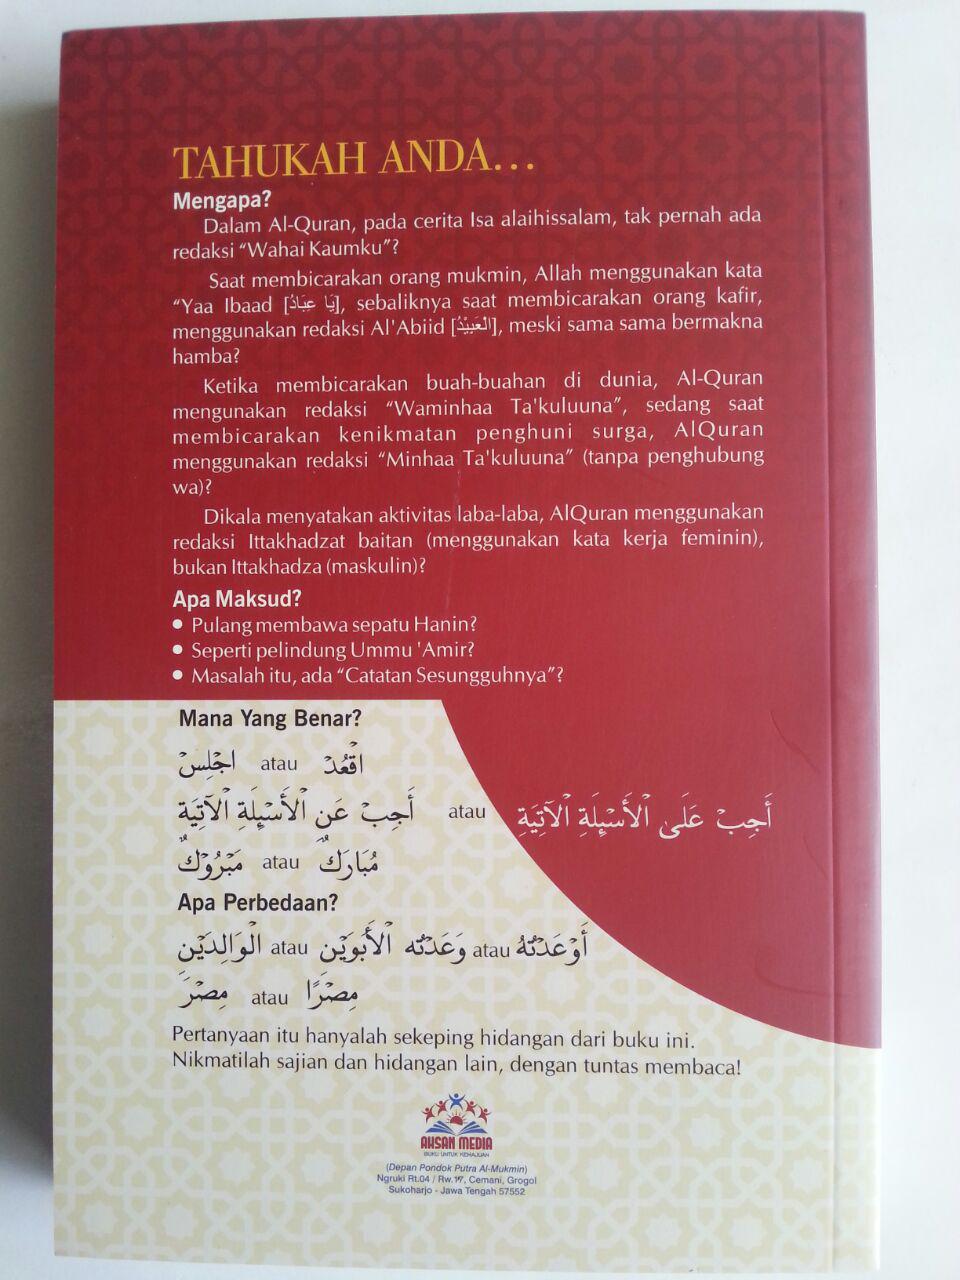 Buku Lathaif Al-Qur'an Wal Arabiyyah Buku Pintar Qur'an Bahasa Arab cover